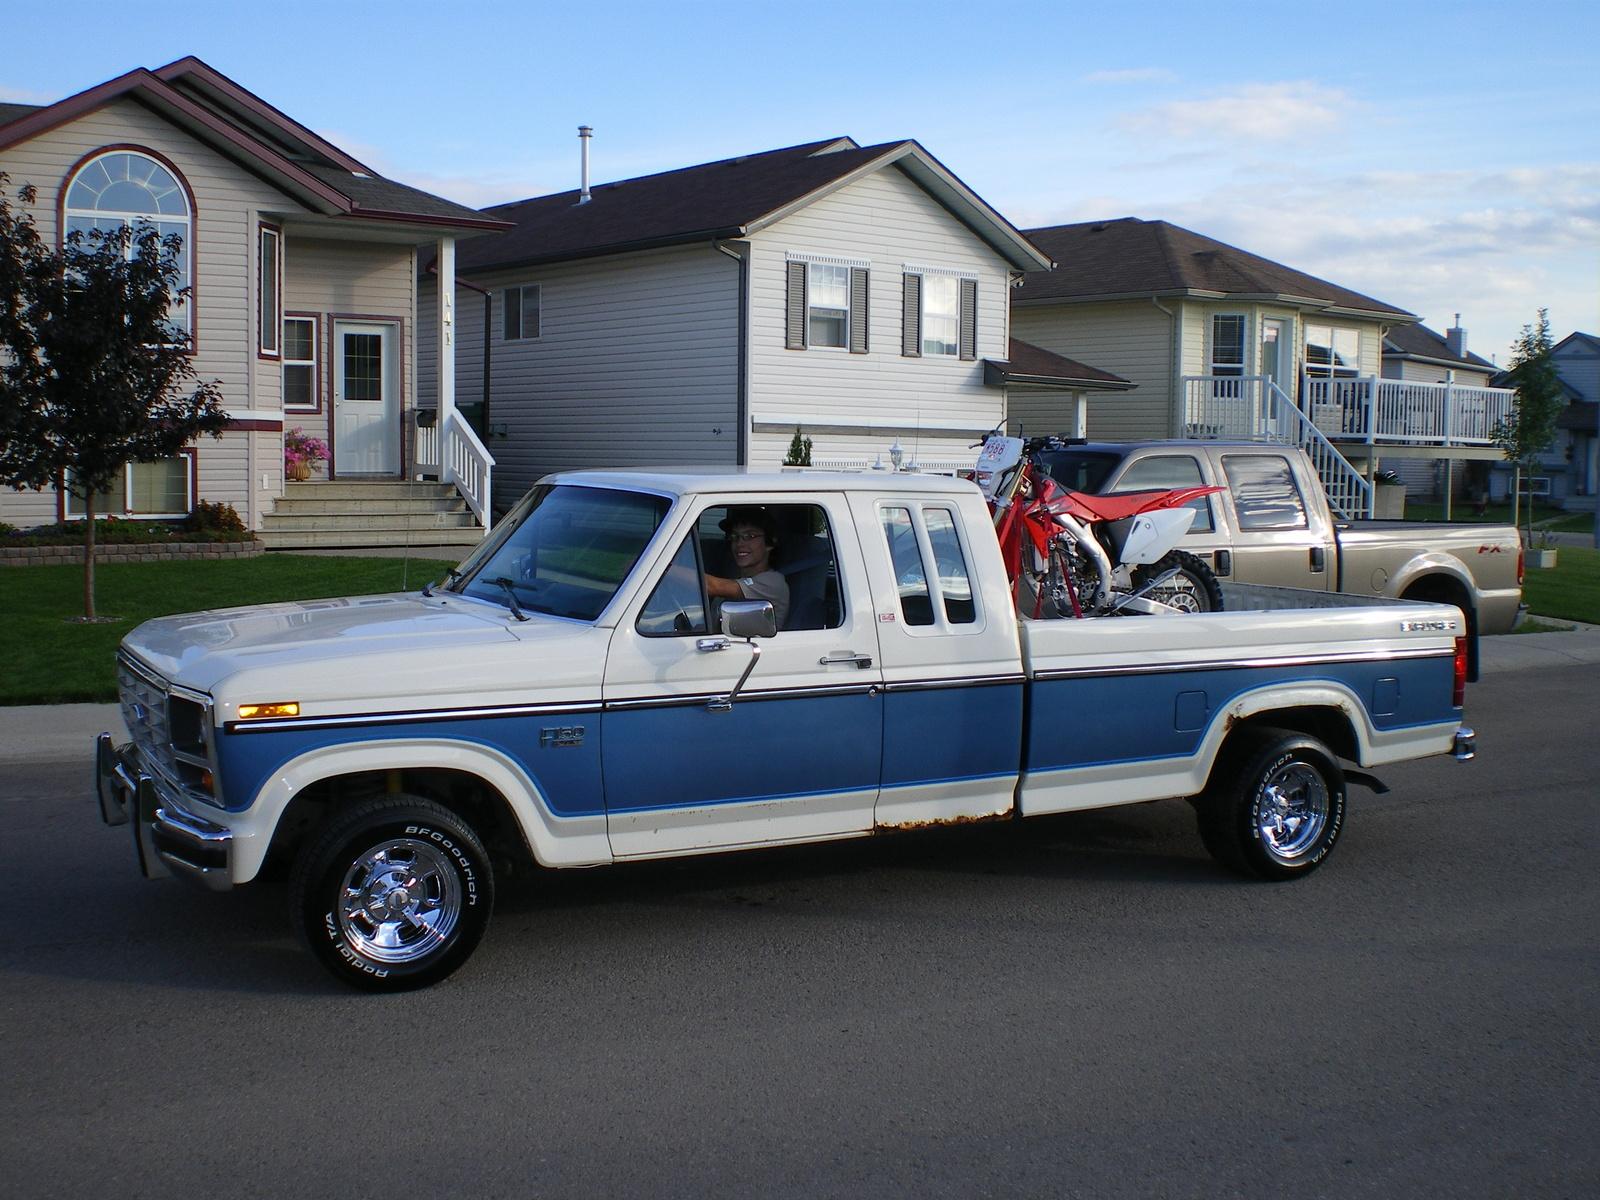 1985 ford f 150 pic 19012 jpeg